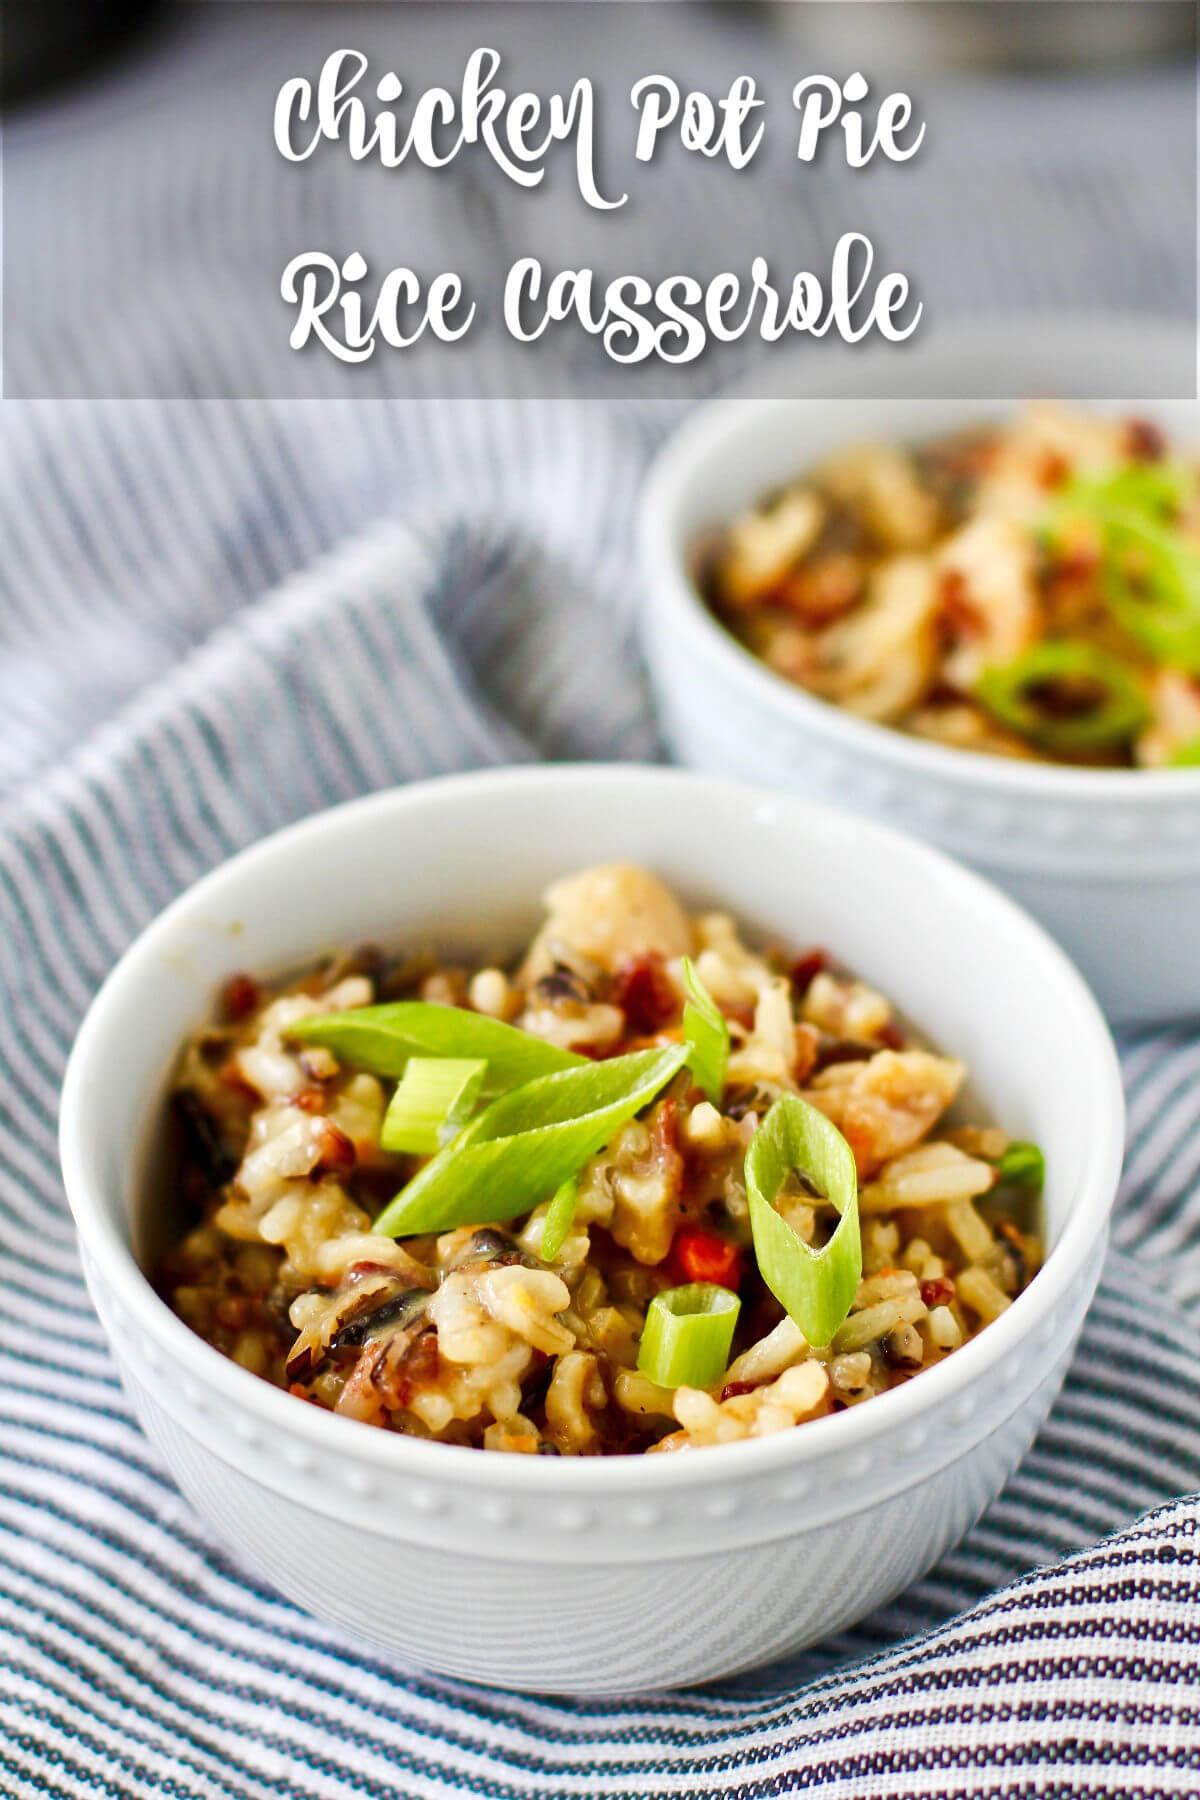 Leftover Chicken Pot Pie Soup Rice Casserole.